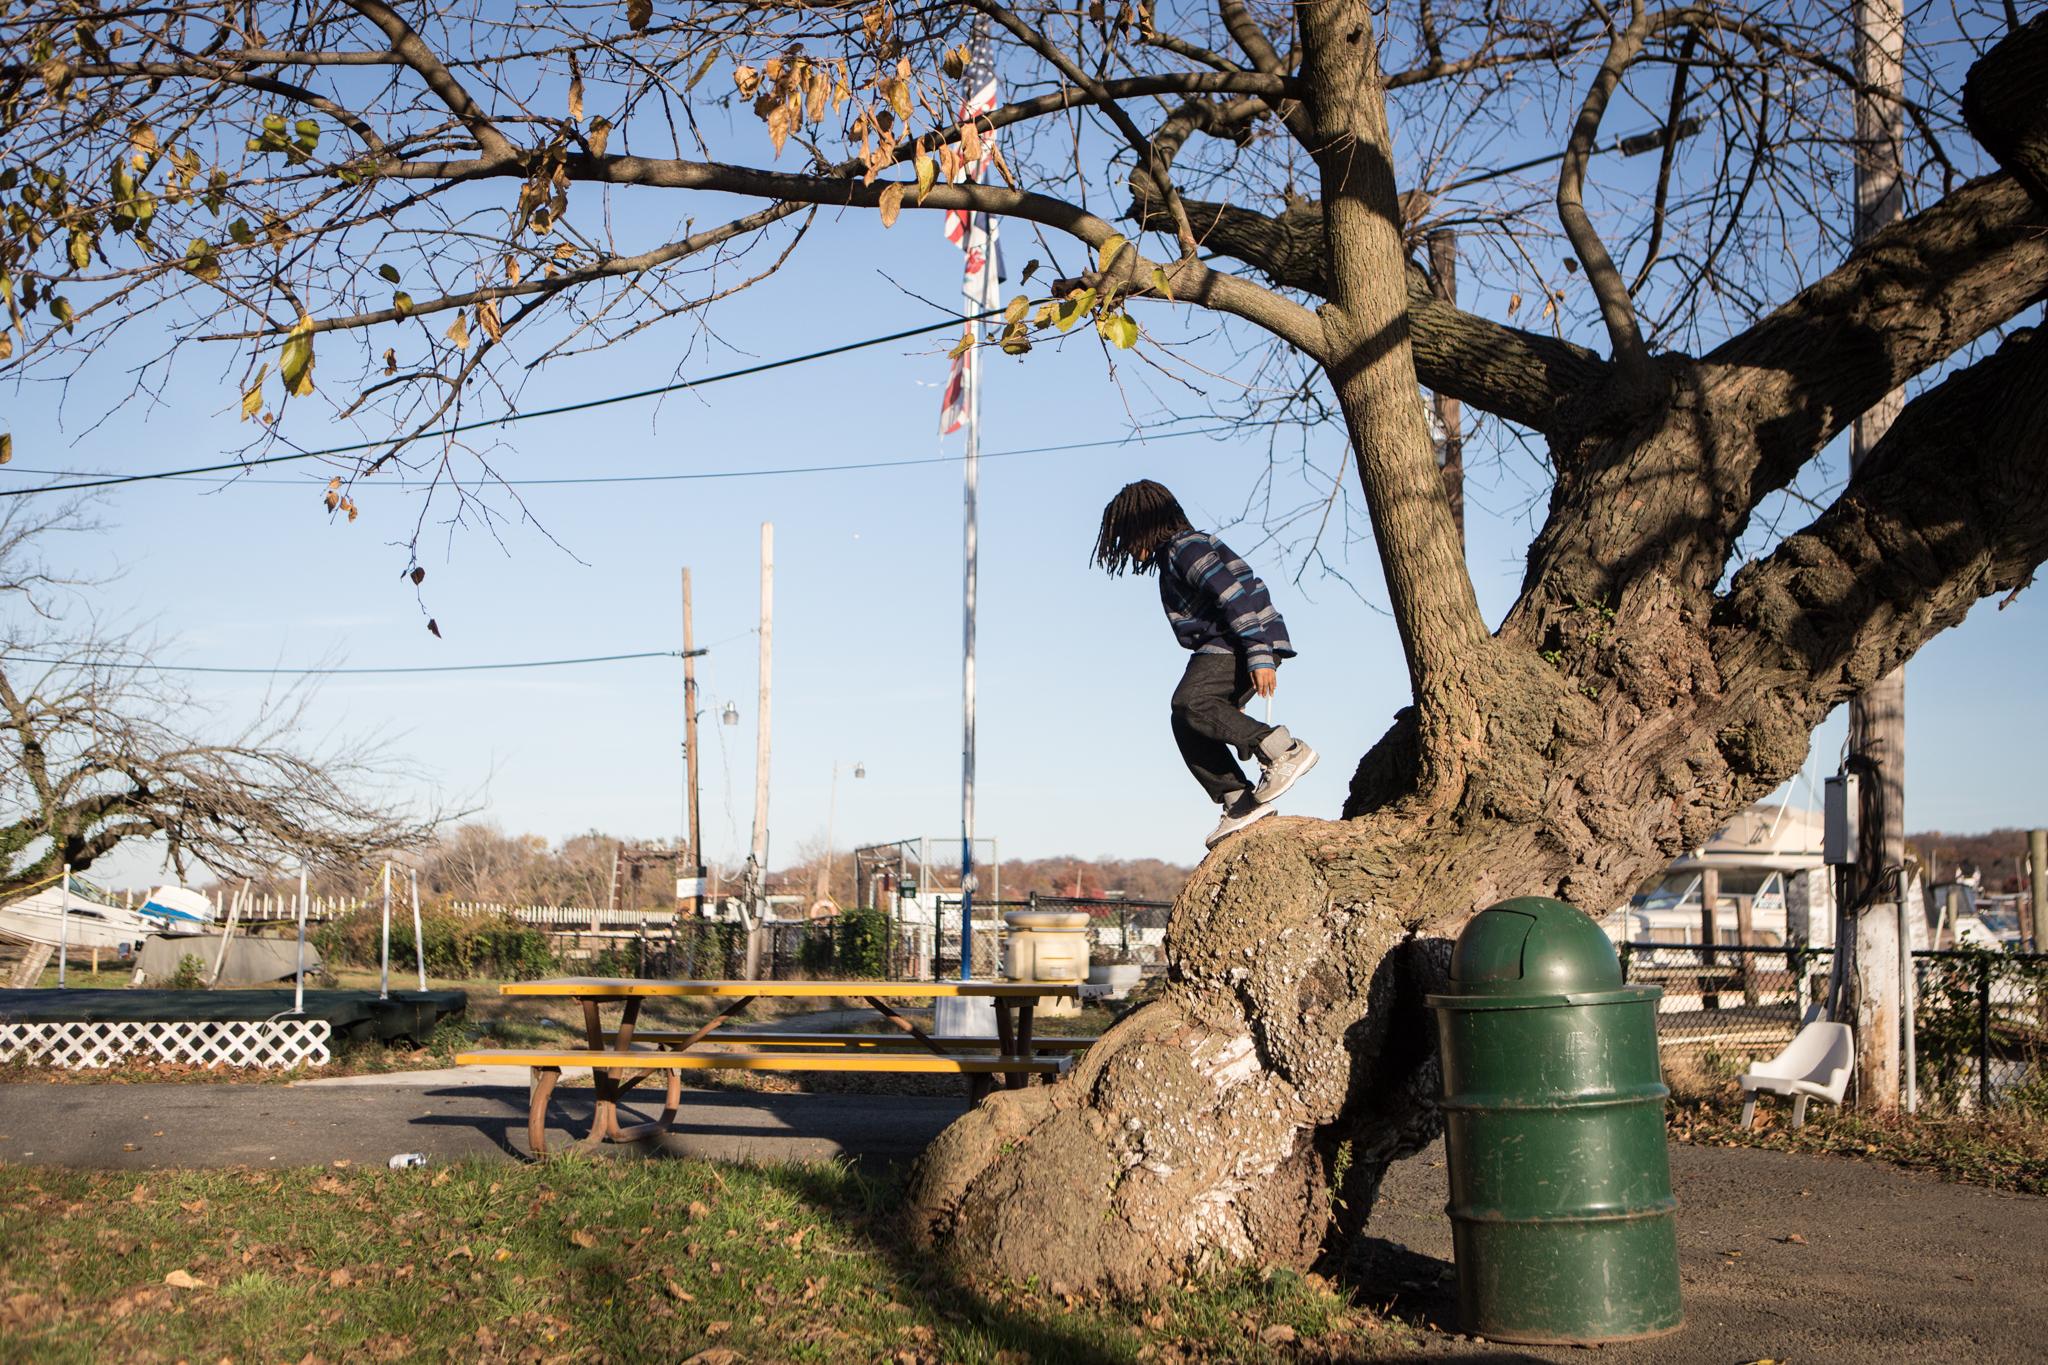 harlan_seafarers_thanksgiving_20120123_0365.jpg